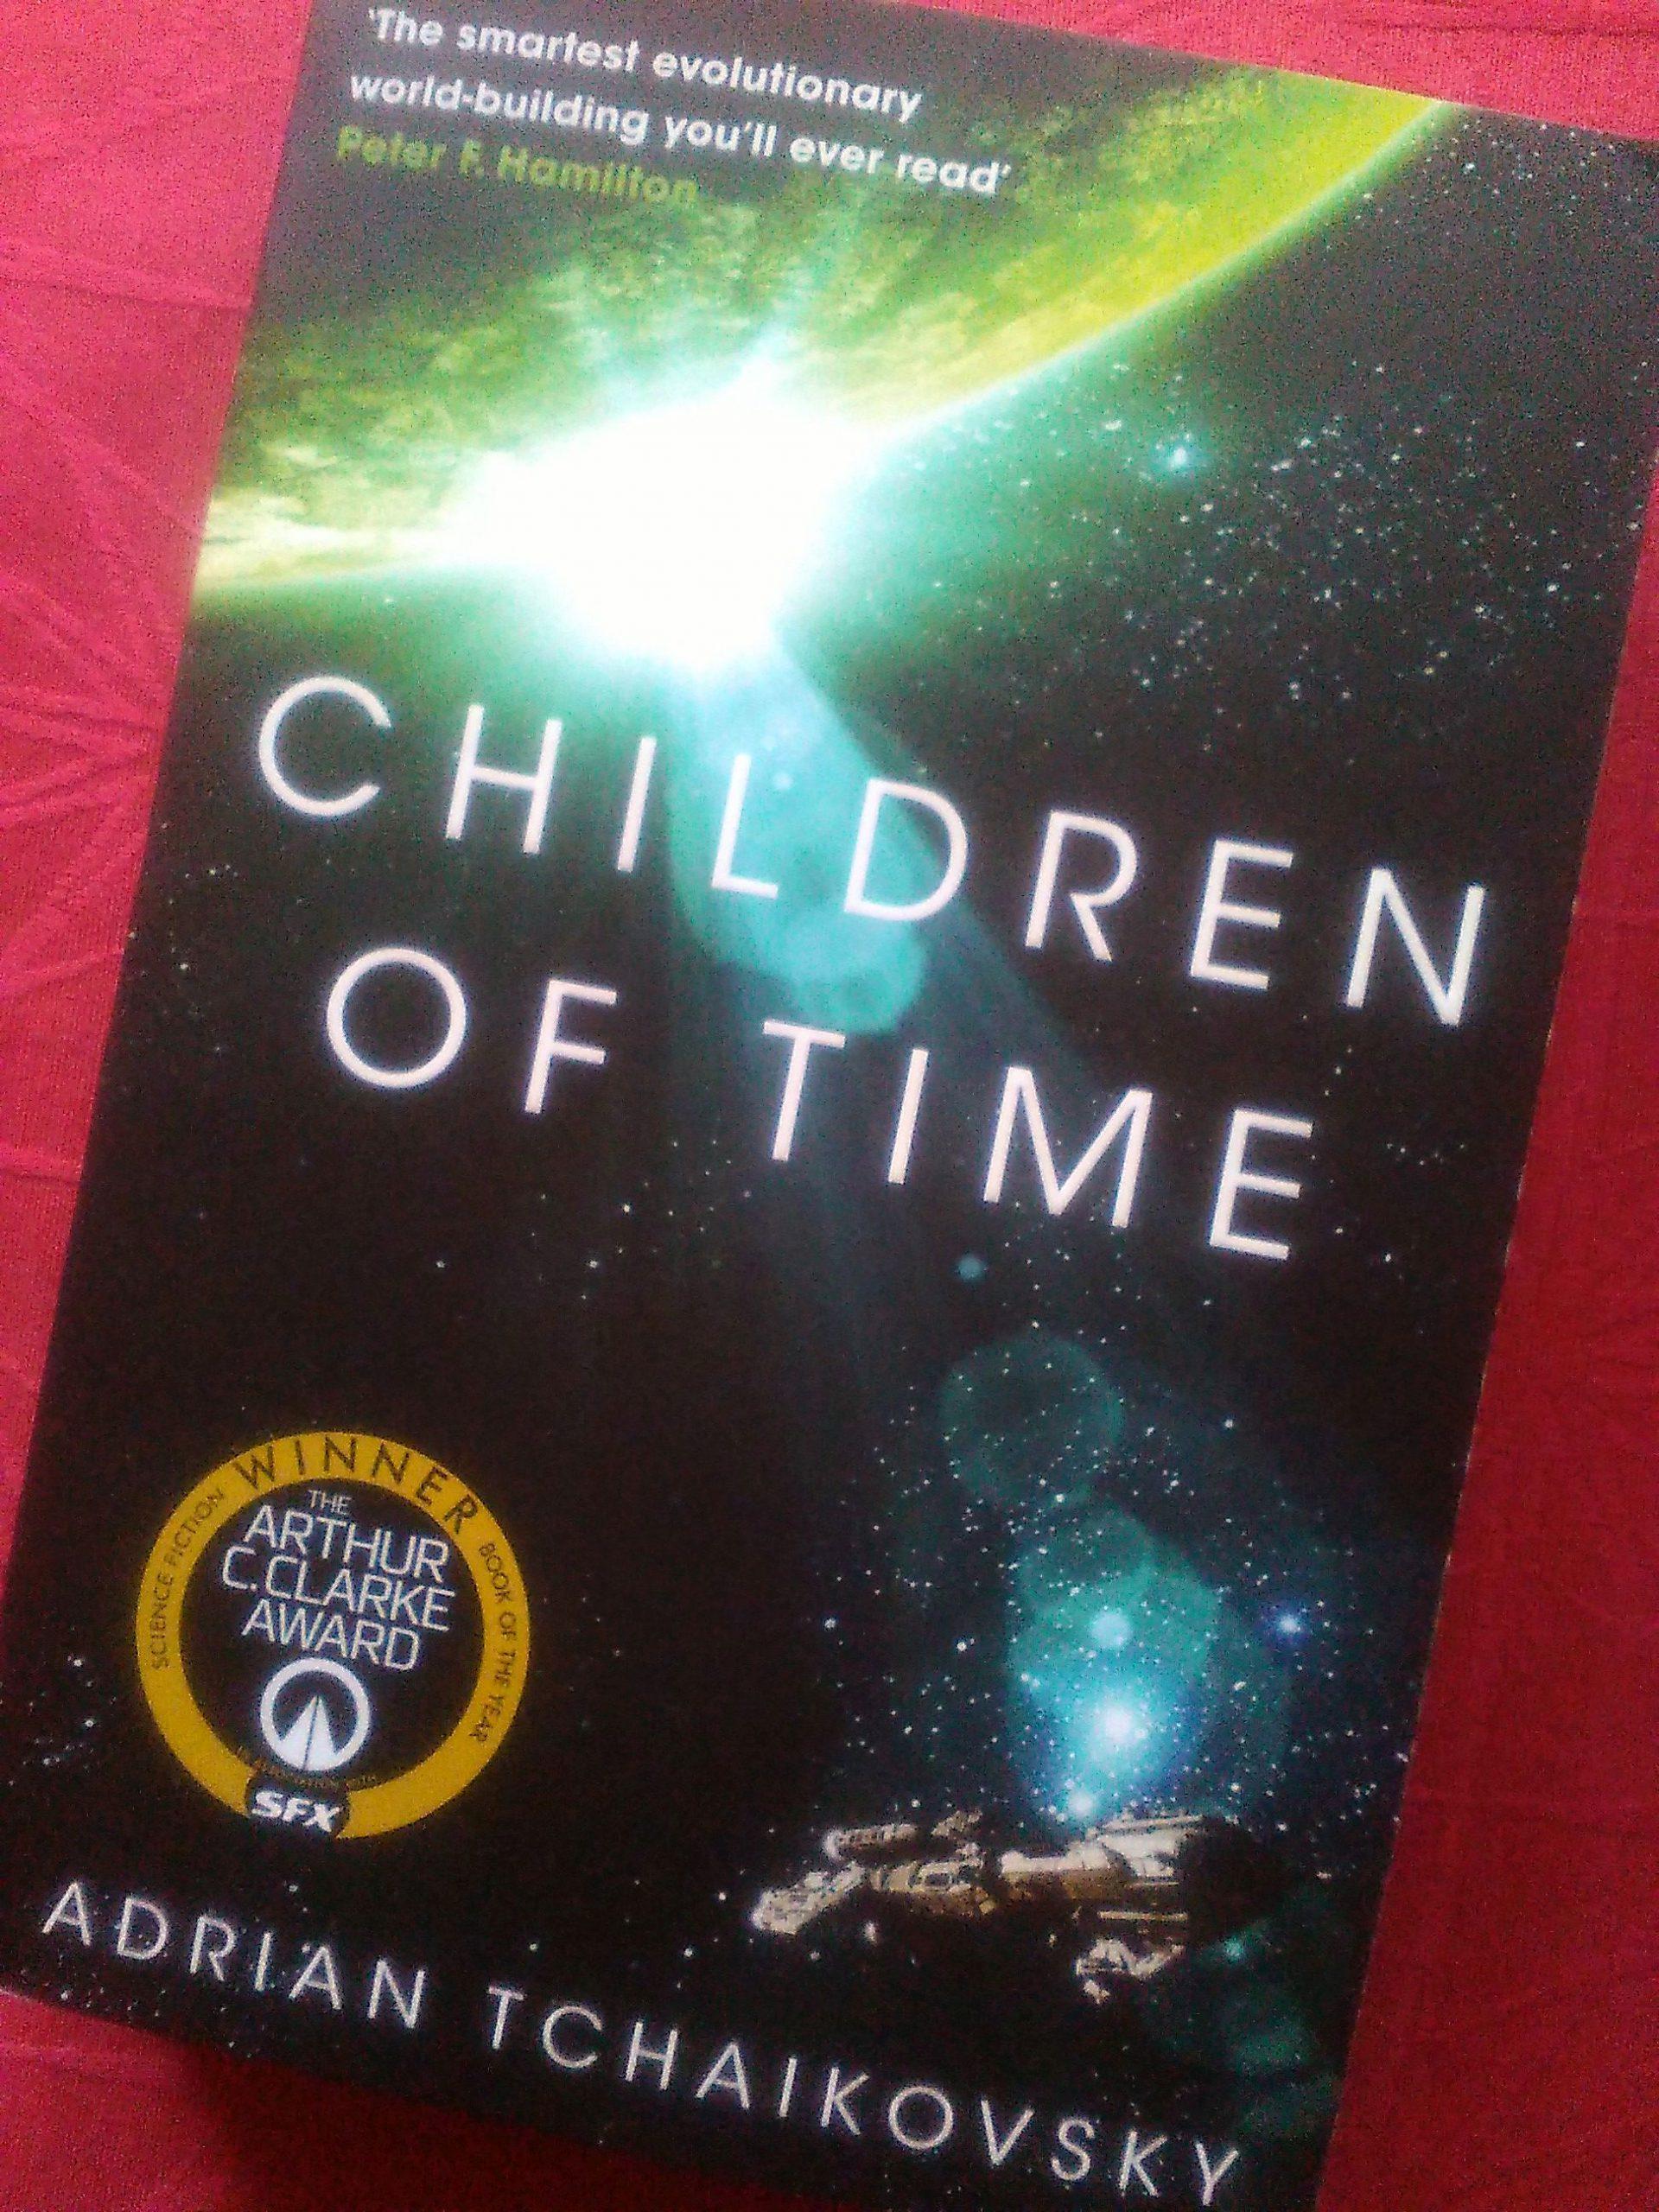 Adrian Tchaikovsky: Kinder der Zeit